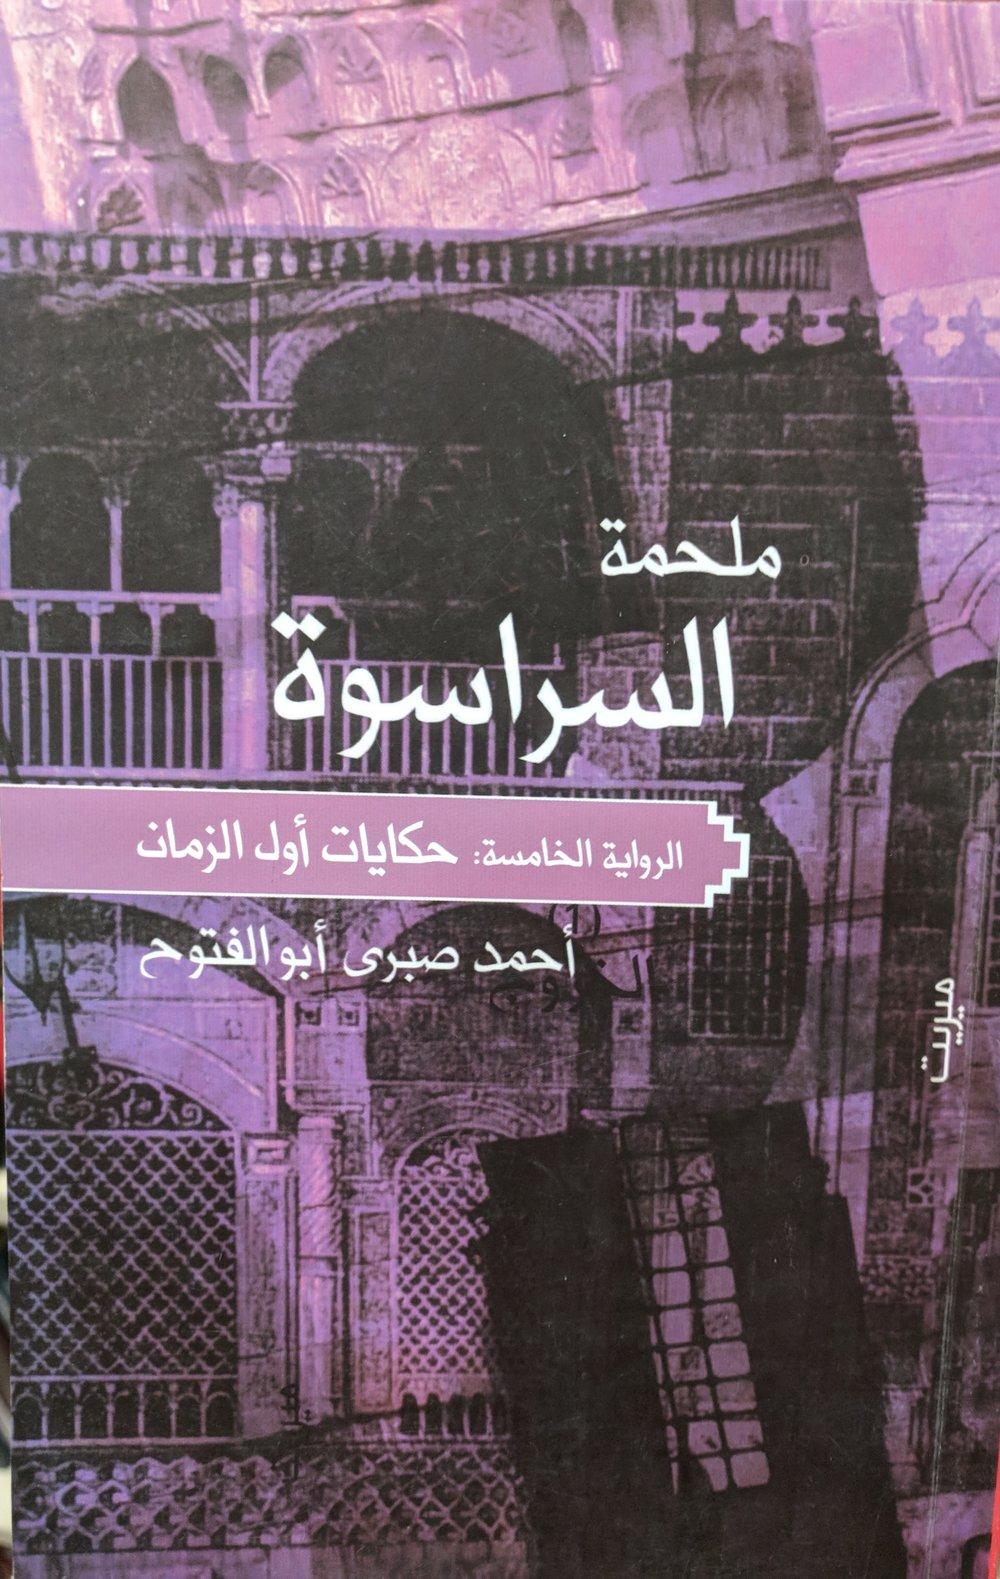 Aḥmad Ṣabrī Abū al-Futūḥ (al-Qāhirah: Dār Mīrīt, 2009)